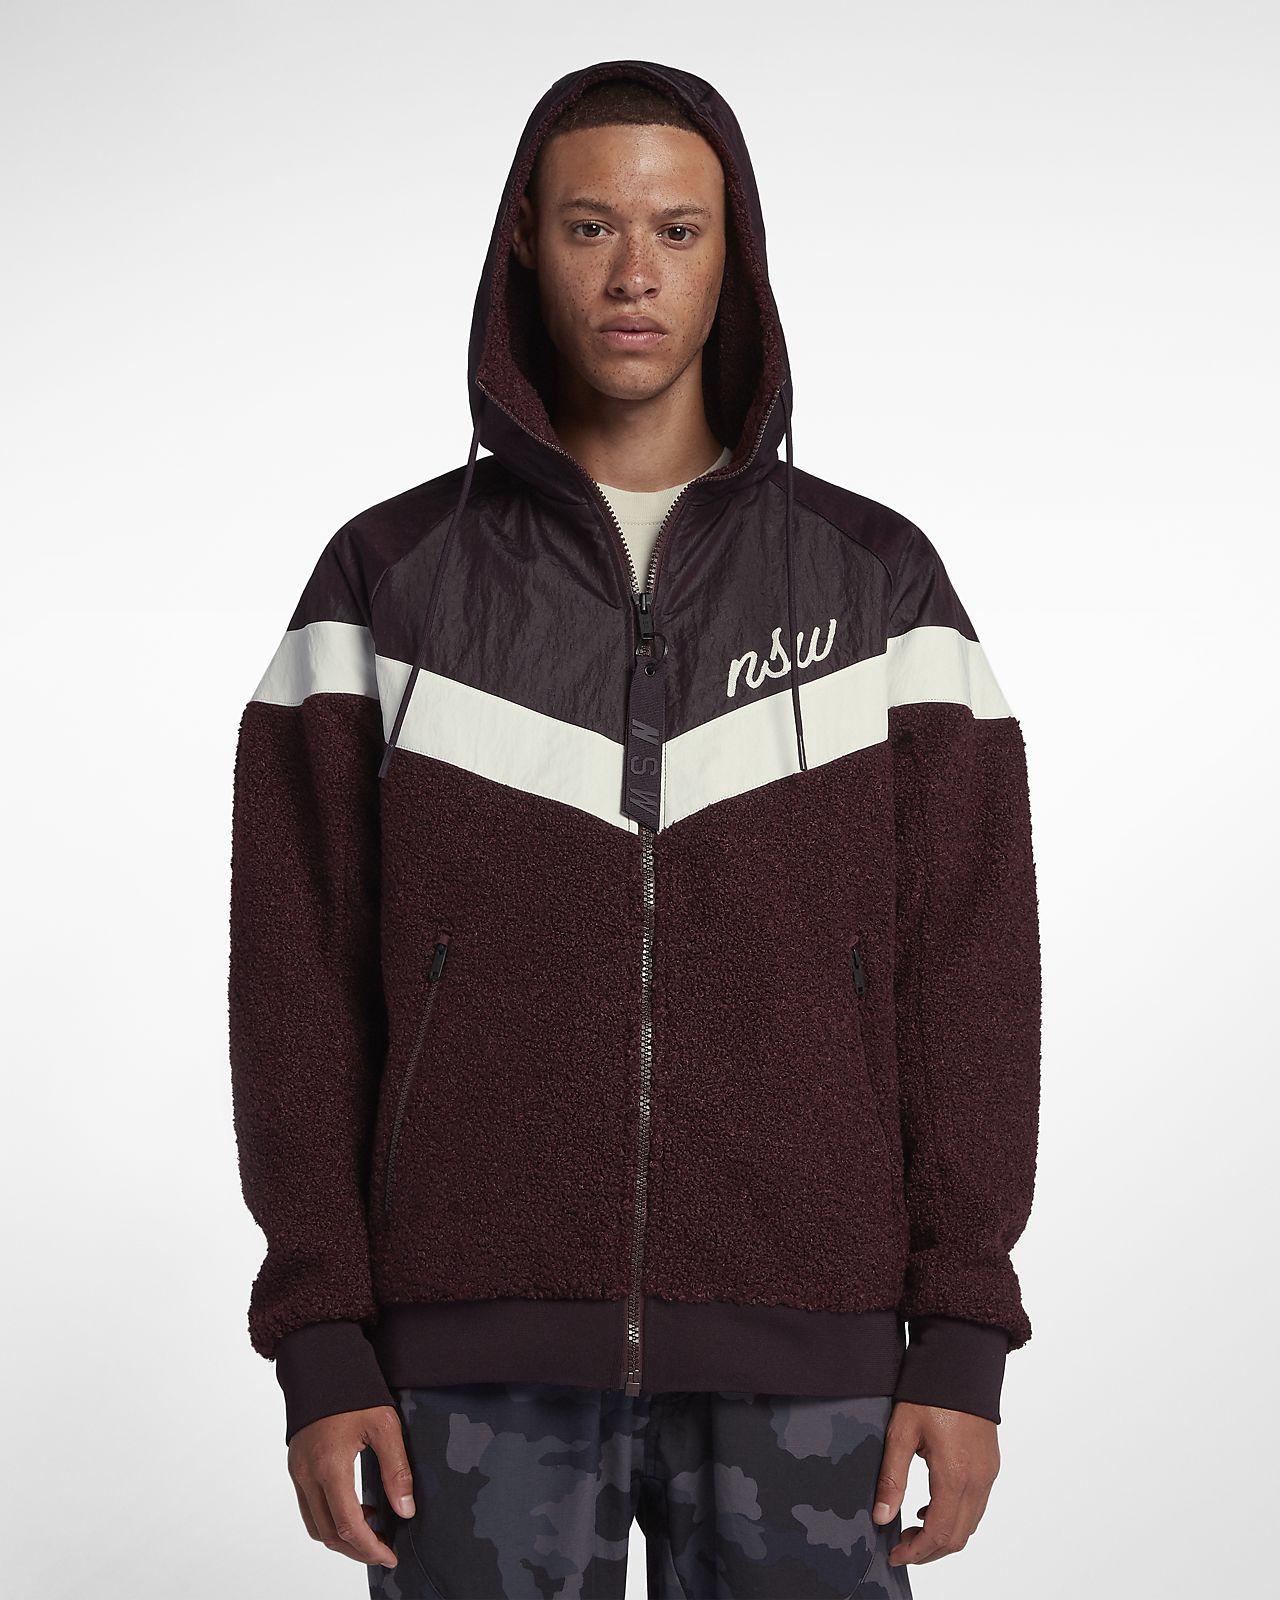 new style 5be3a 21b85 ... Nike Sportswear Windrunner Men s Sherpa Jacket